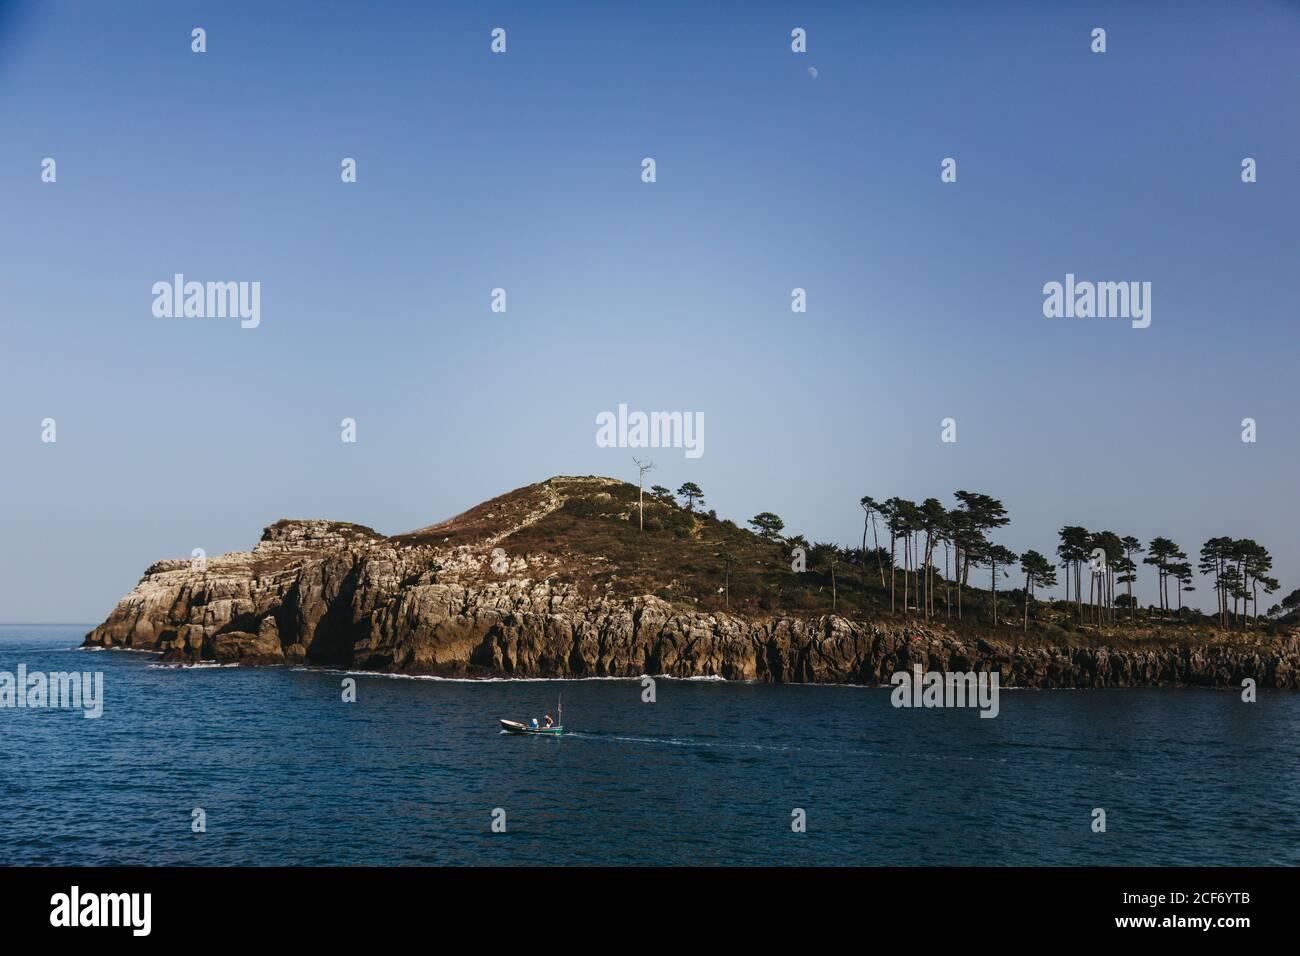 Solitario barco de pesca que se mueve en la bahía con el agua tranquila contra orilla rocosa con altos árboles perennes al pie de la colina Bajo el cielo azul claro en España Foto de stock